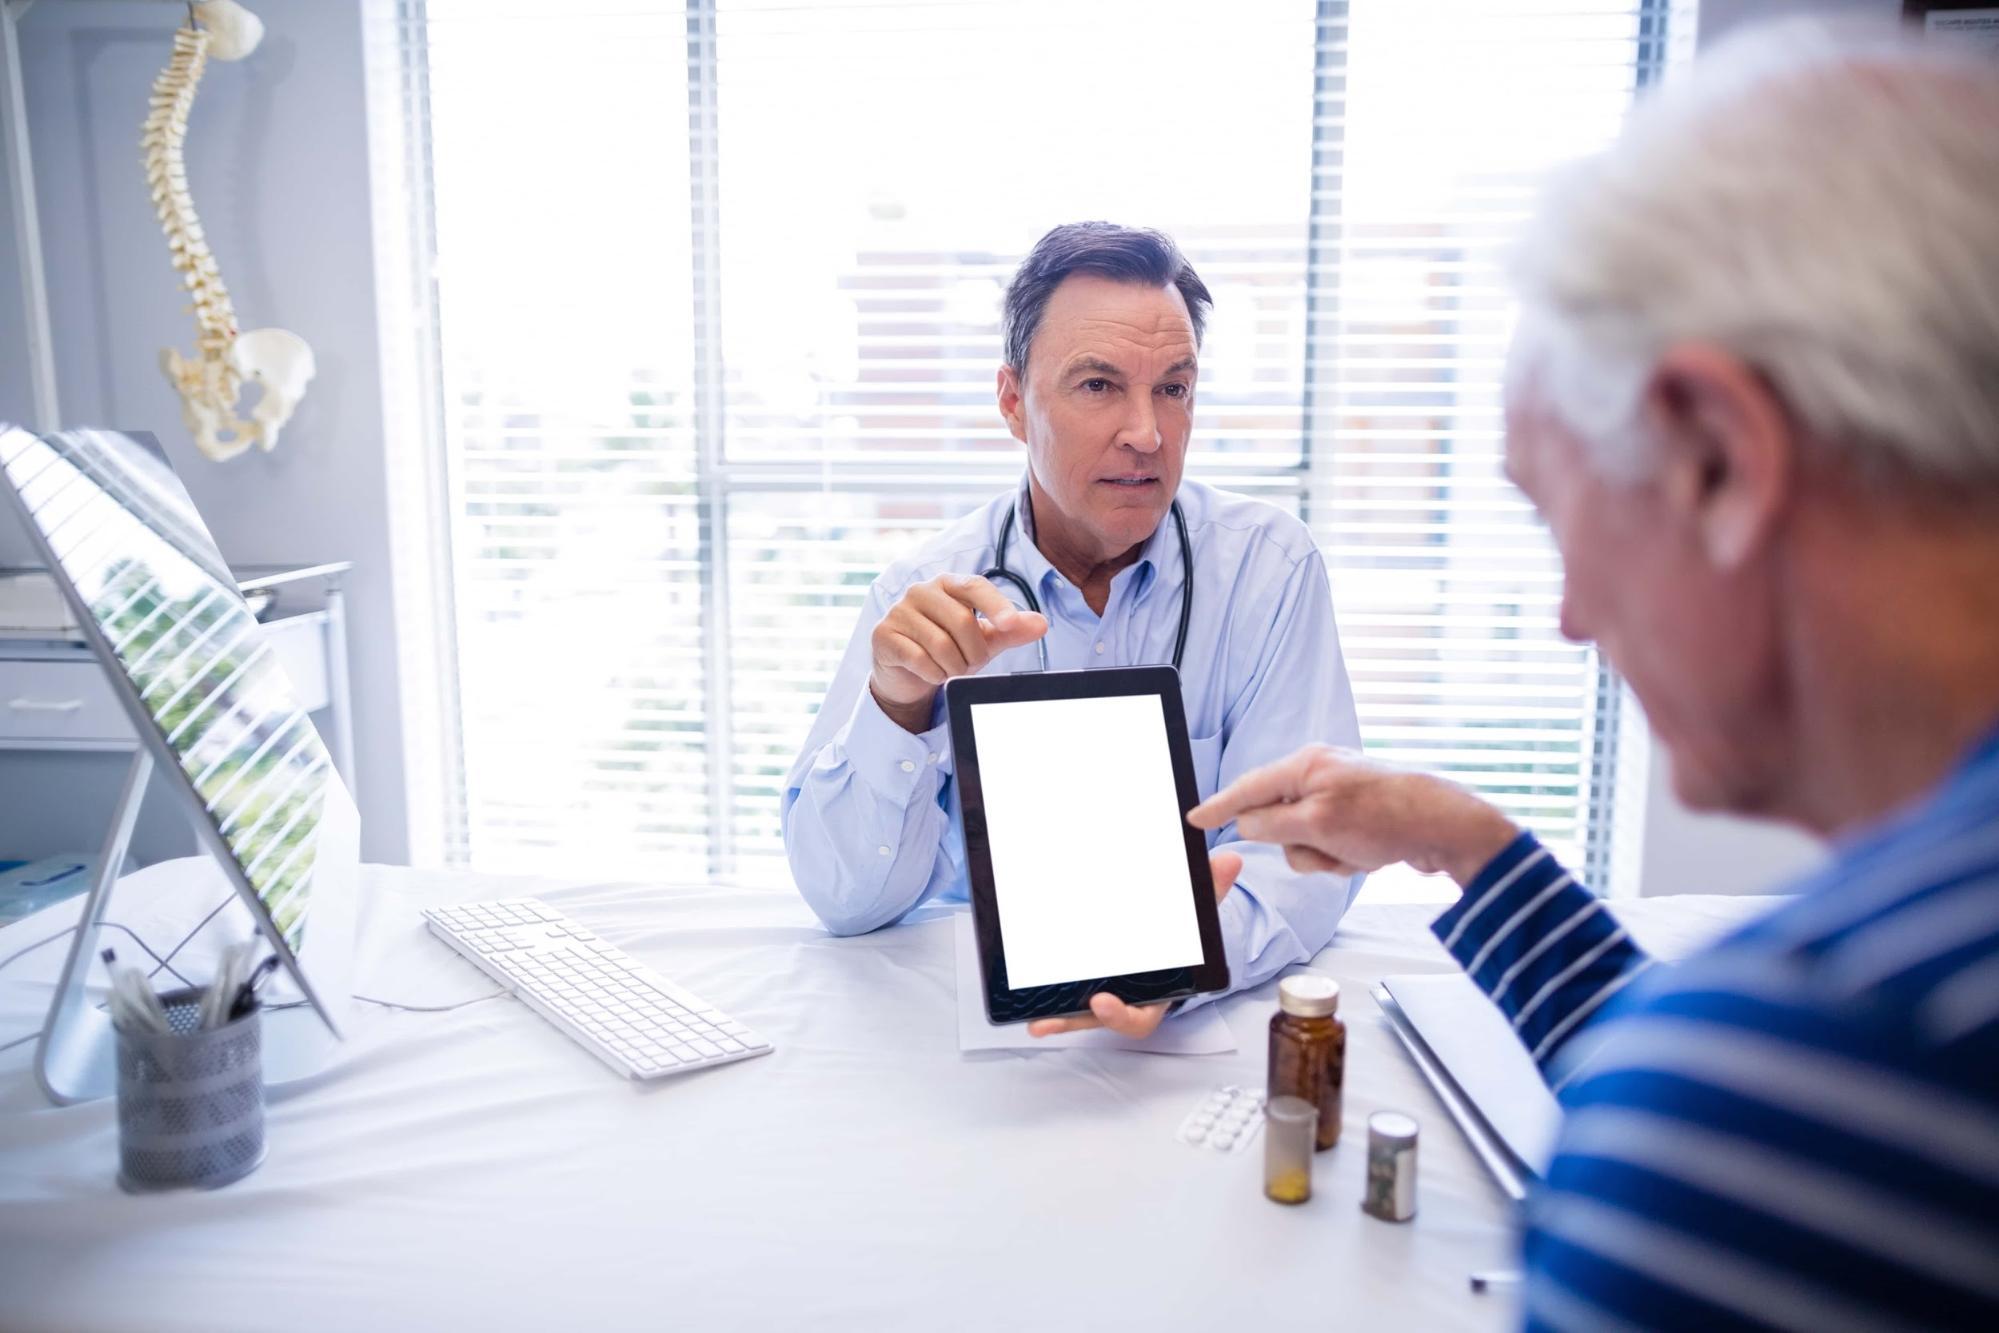 Foto de um médico apresentando informações ao seu paciente, por meio de um tablet. A imagem ilustra a importância de aliar saúde e tecnologia